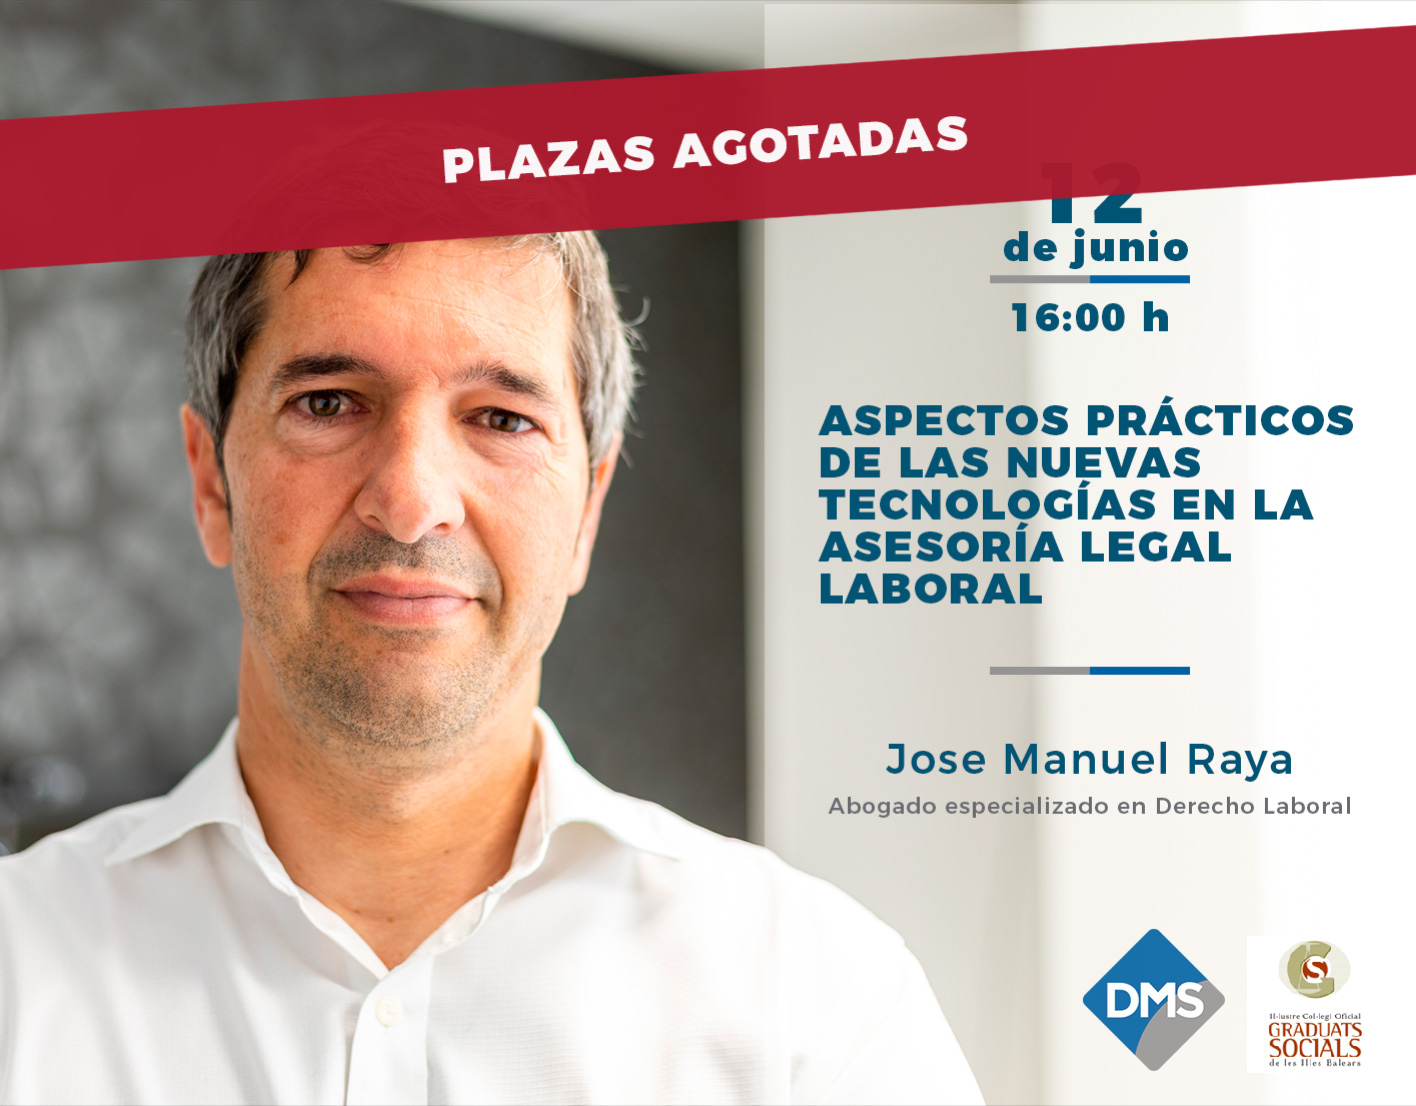 Taller de José Manuel Raya sobre nuevas tecnologías en la asesoría legal laboral